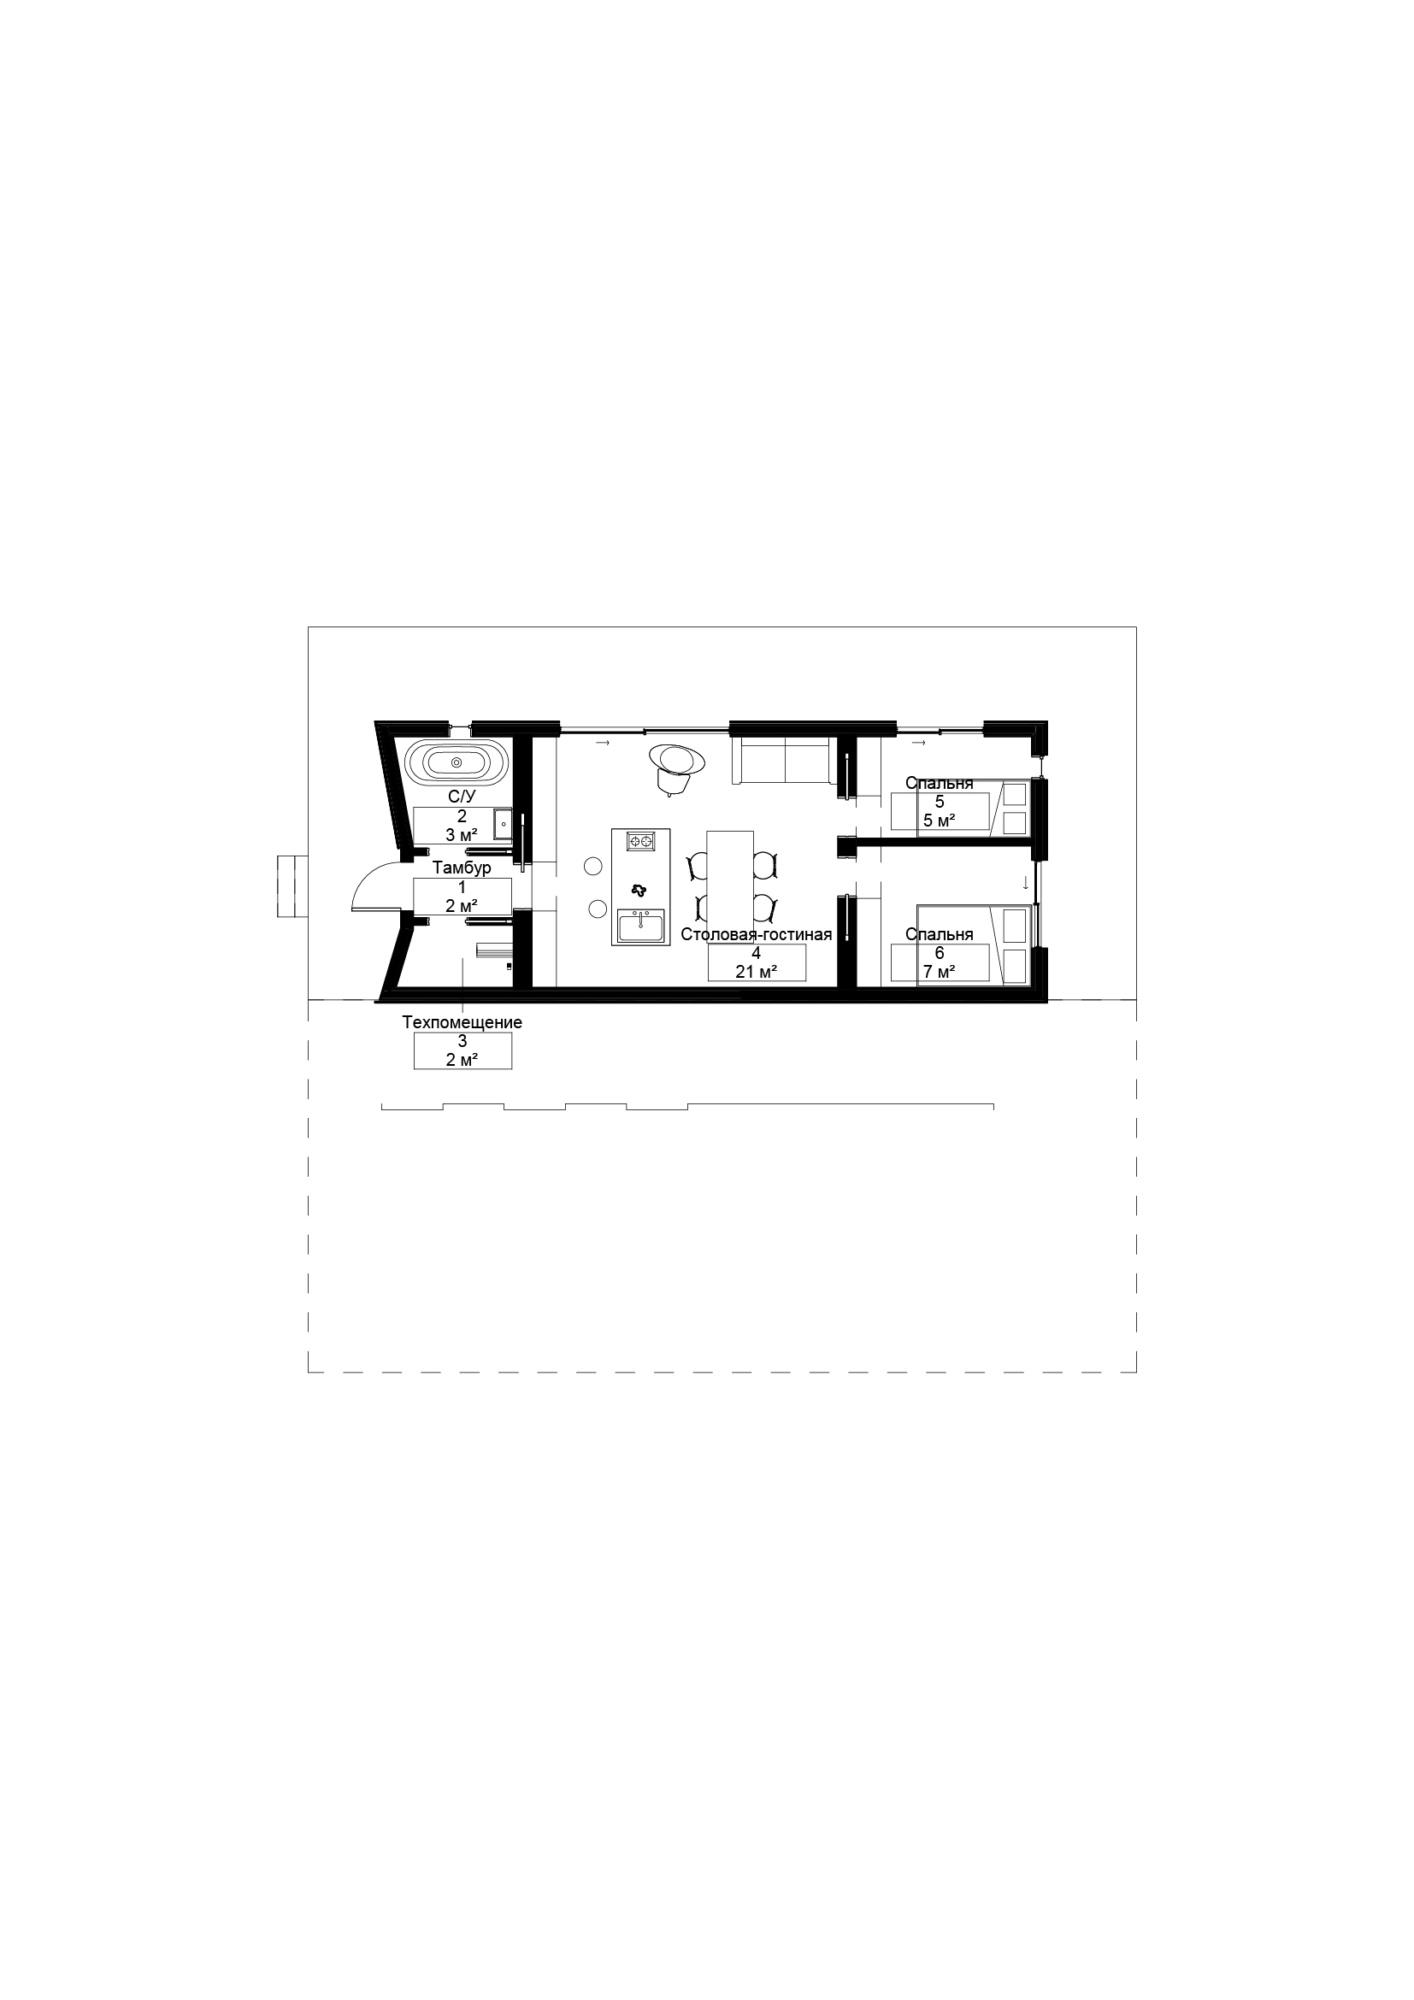 Дом дуплекс. Архитектурная концепция стандартного малоэтажного жилья и жилой застройки. ©DMTRVK